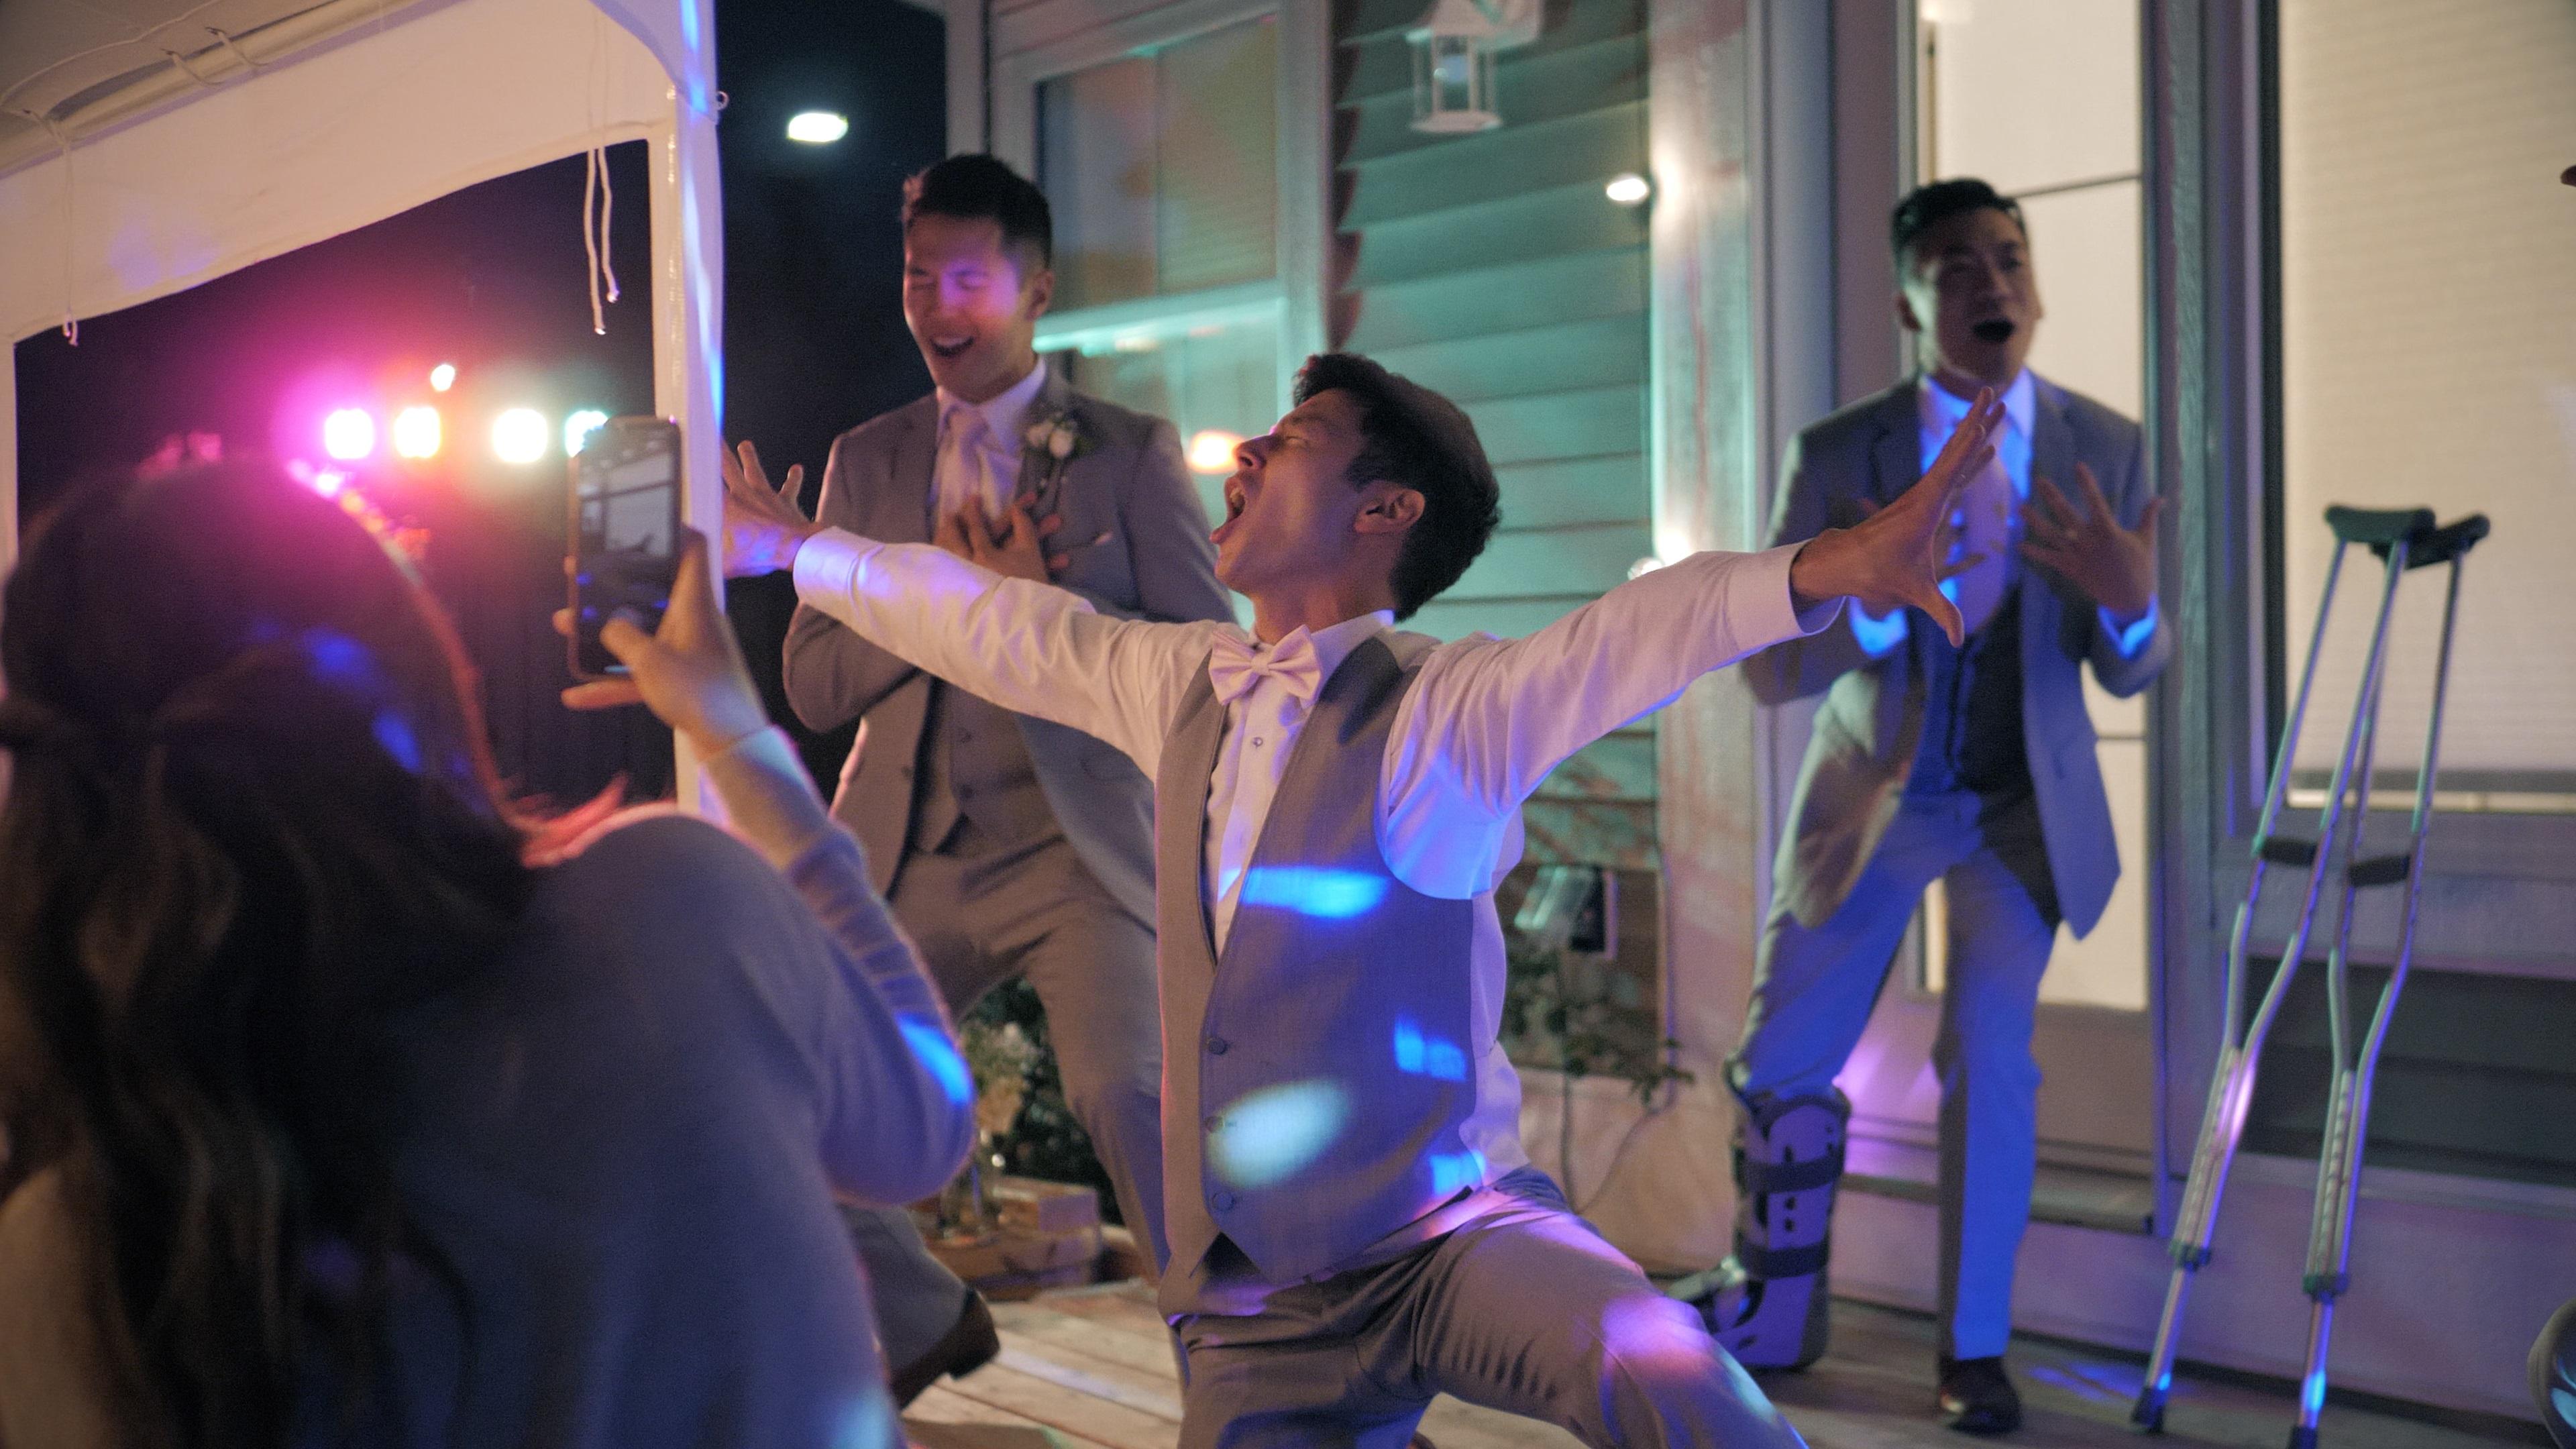 Wedding Film.00_00_31_04.Still006.jpg